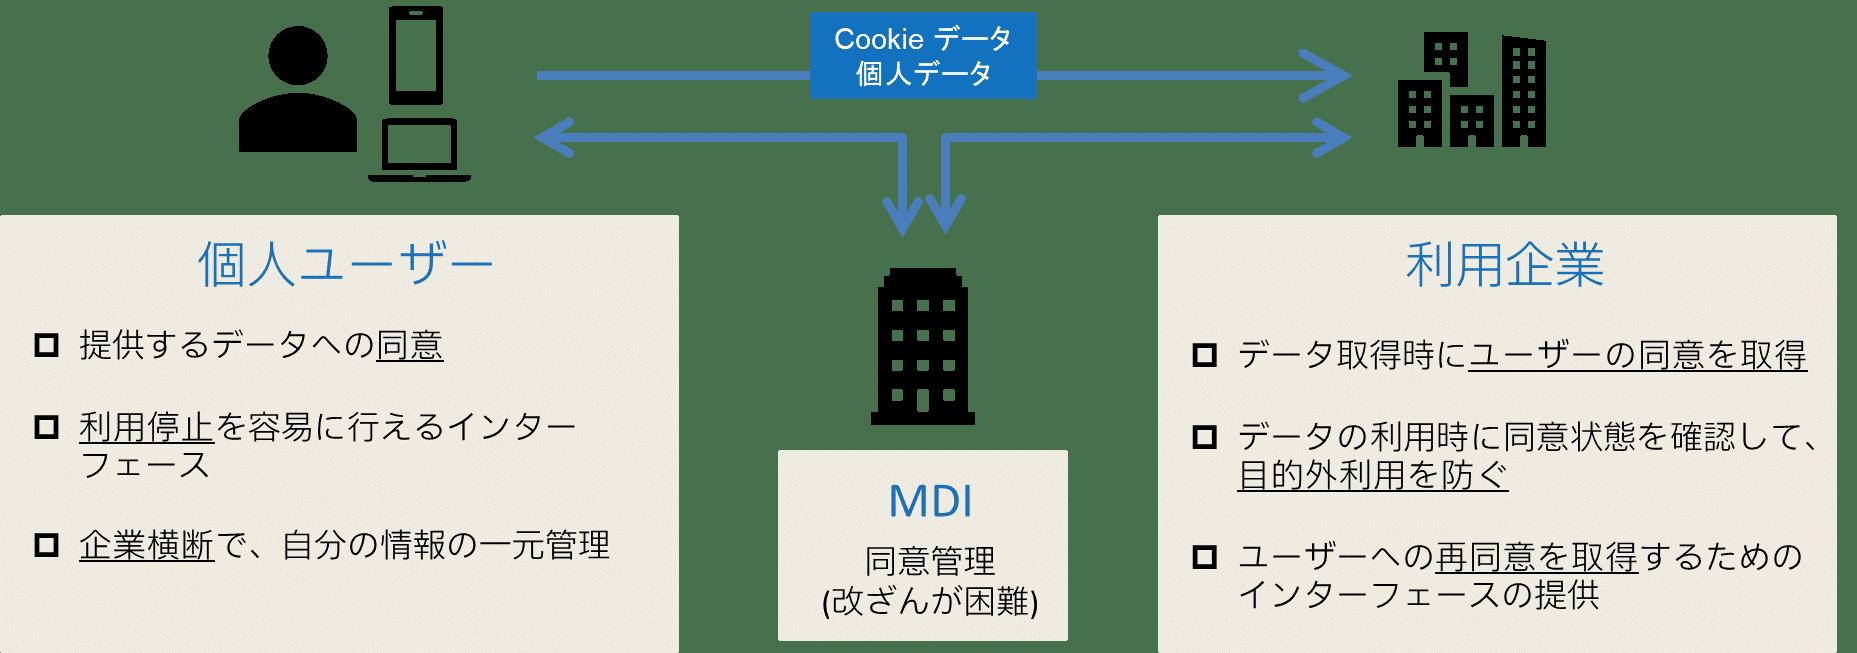 同意管理プラットフォーム(CMP)の概要